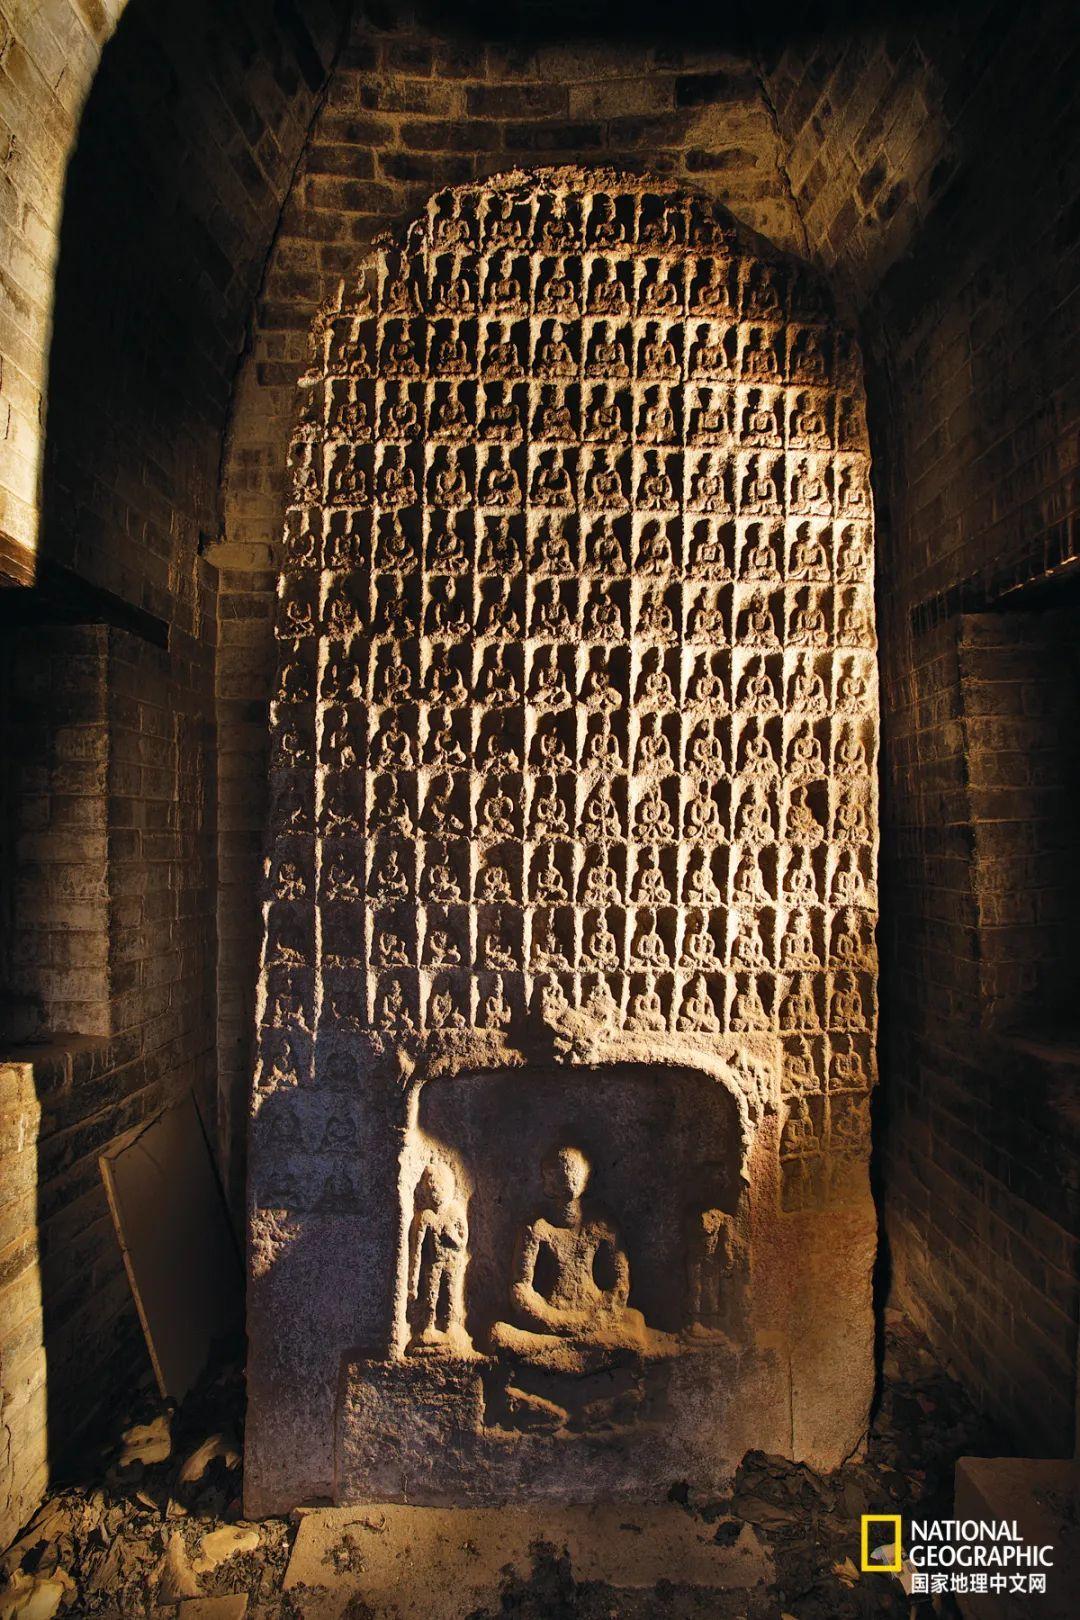 山西陵川县平川村的北魏千佛造像碑。晋东南地区北朝遗刻颇多,尤以千佛造像碑为特色,高平、陵川、武乡均存有类似造像碑,年代大致在公元6世纪初,即北魏太和年间,是研究北魏早期佛教发展史的重要文物。 摄影:赵钢